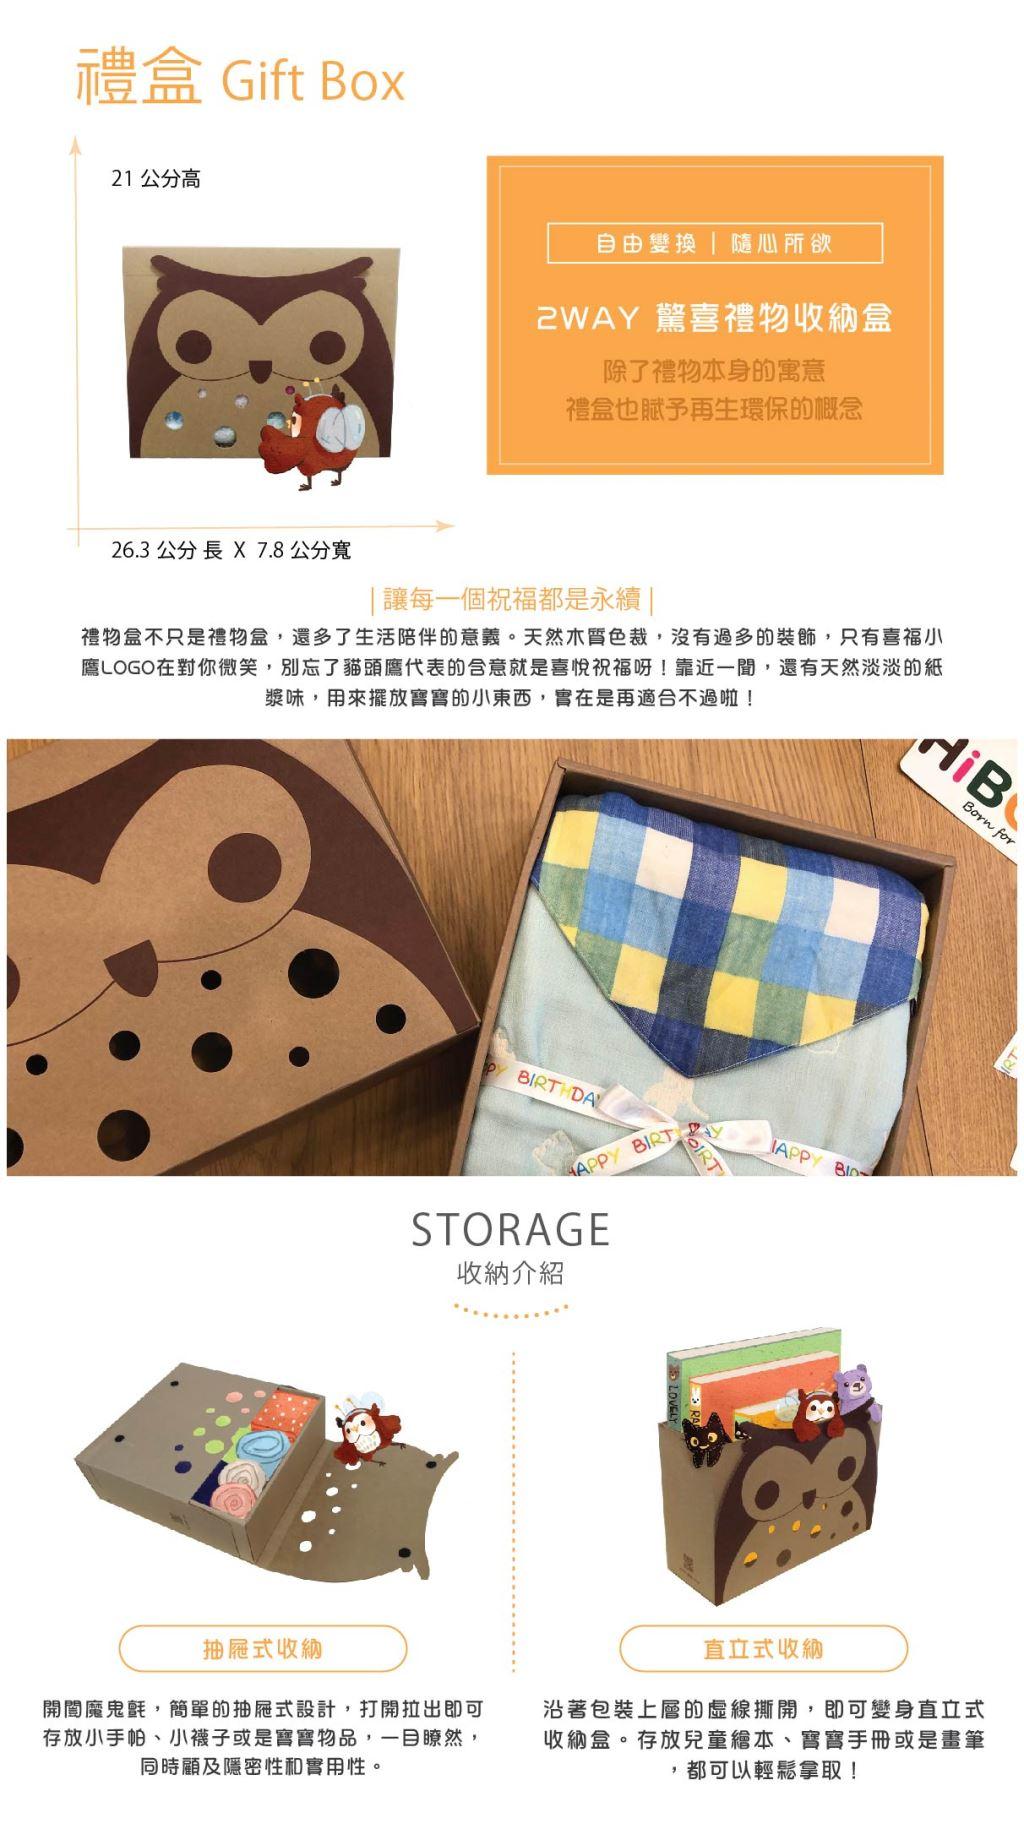 喜福│2WAY驚喜禮物收納盒